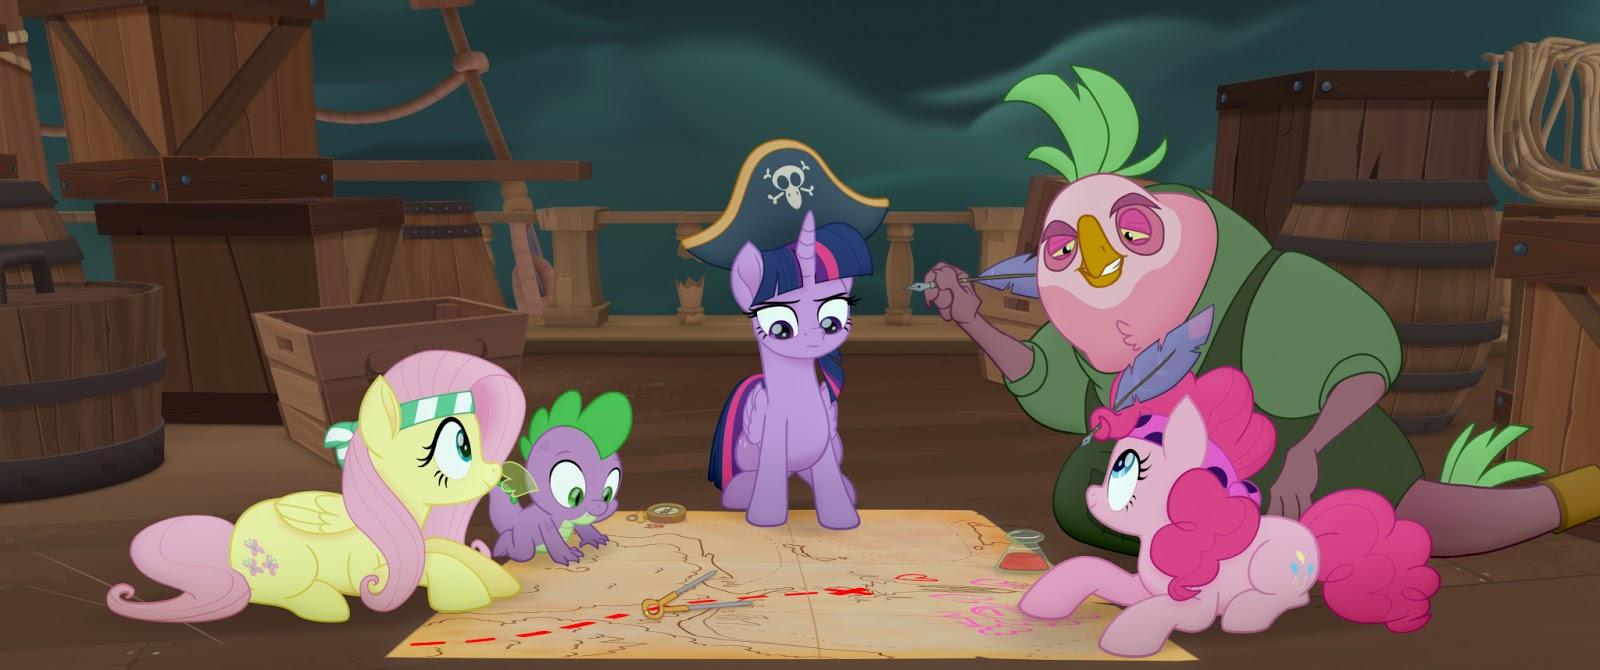 My little pony 9